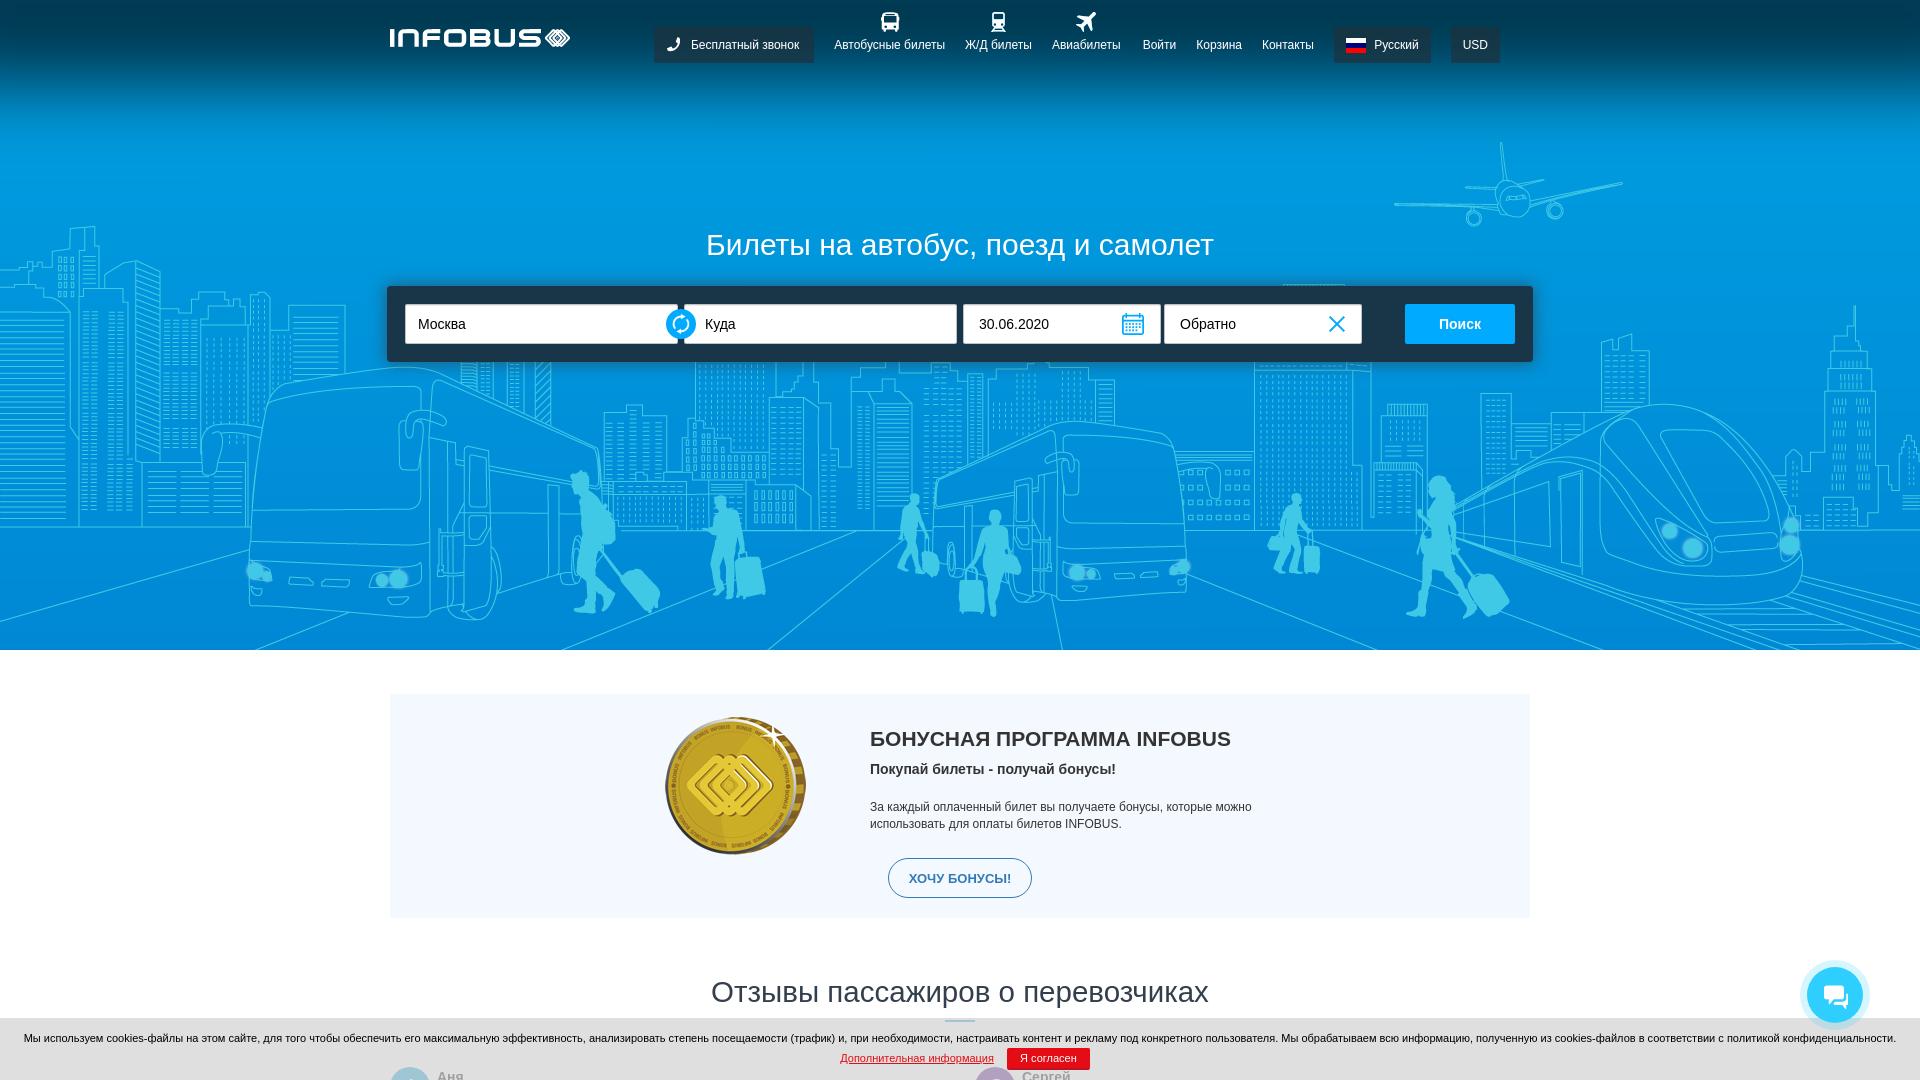 Infobus website